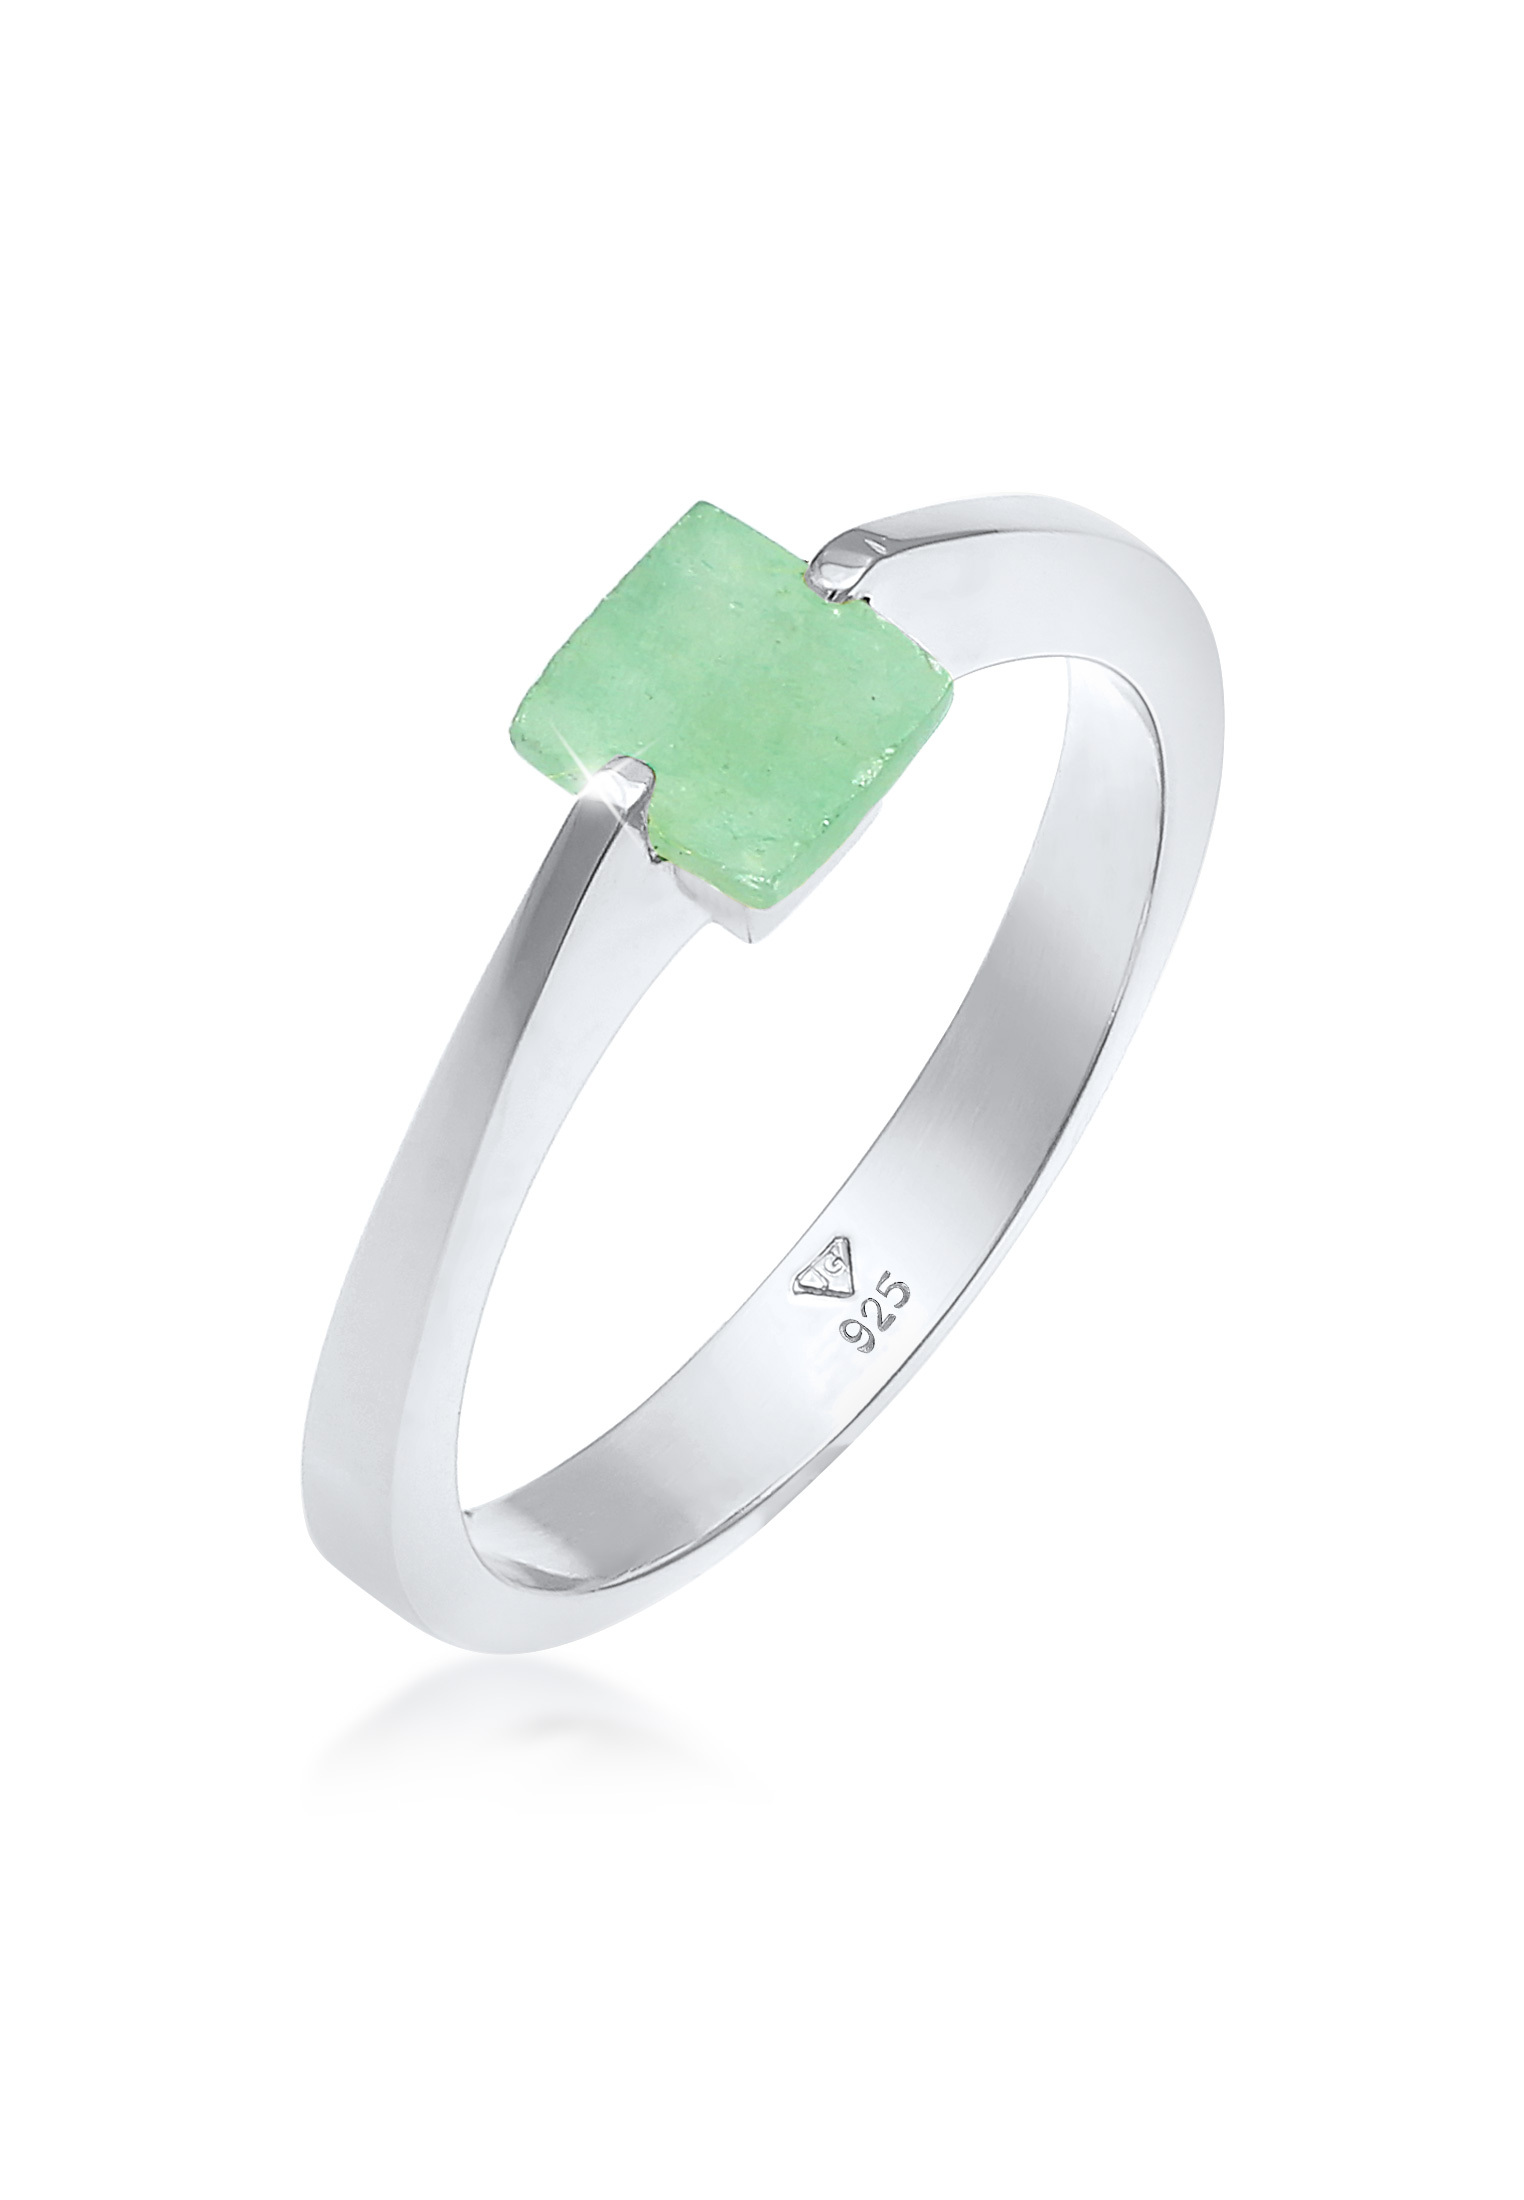 Ring | Jade ( Grün ) | 925 Sterling Silber vergoldet